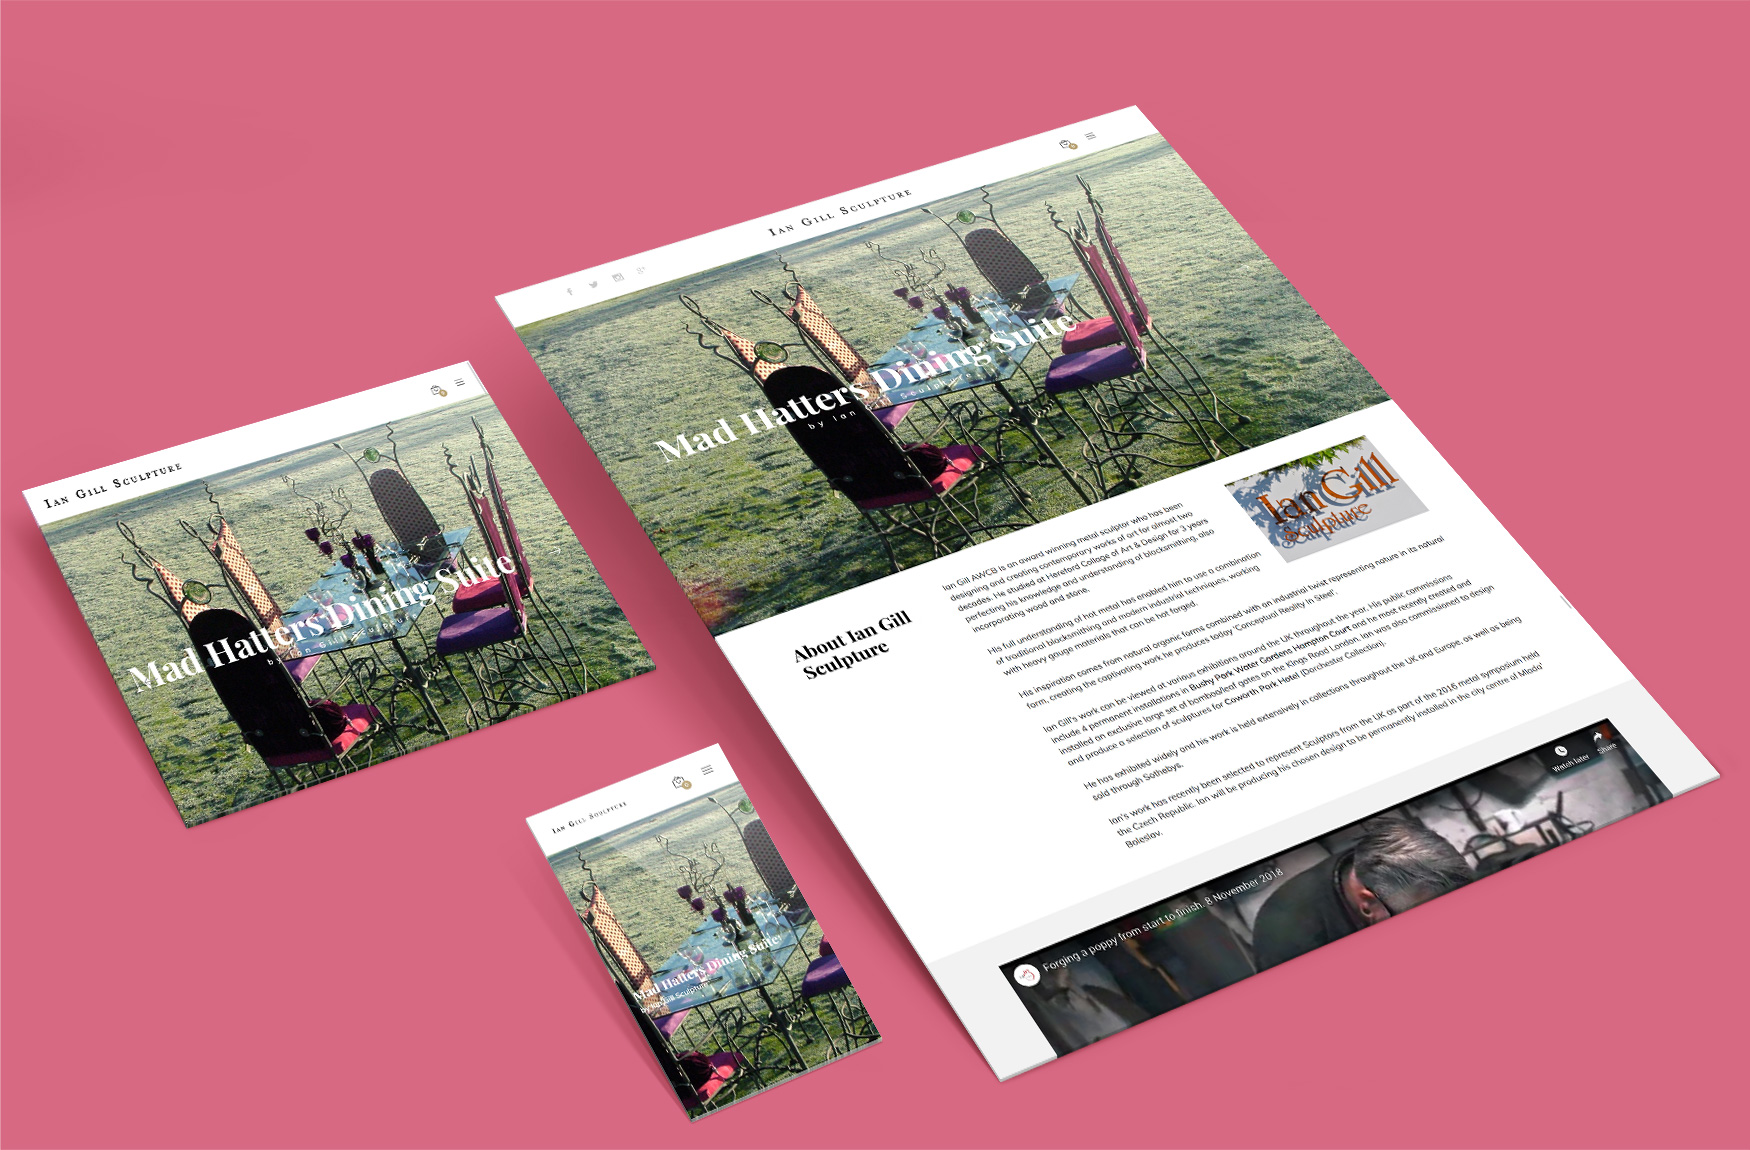 Ian Gill Sculpture website